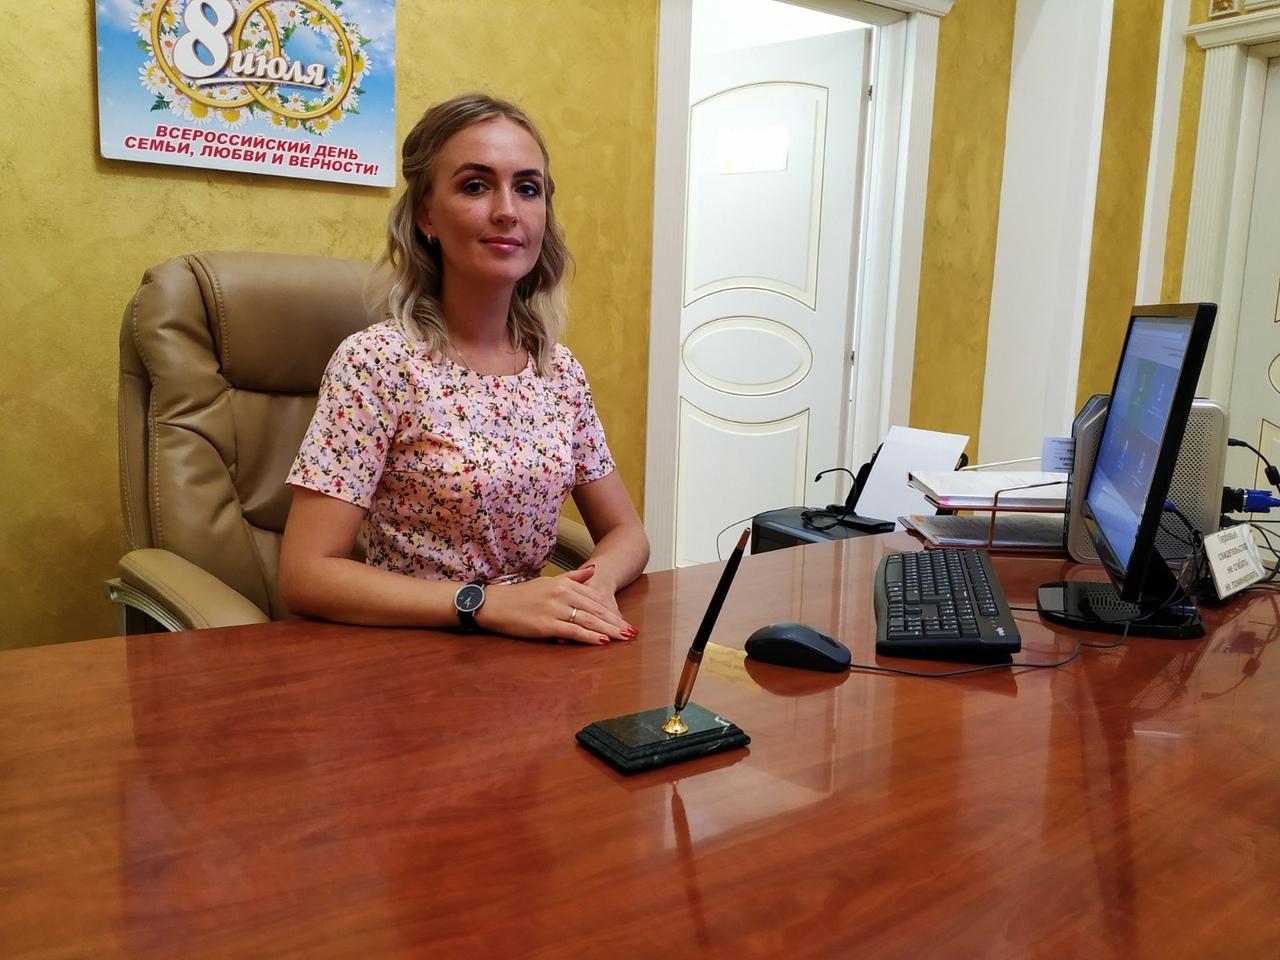 Яна Харитонова работает на регистрации браков второй год